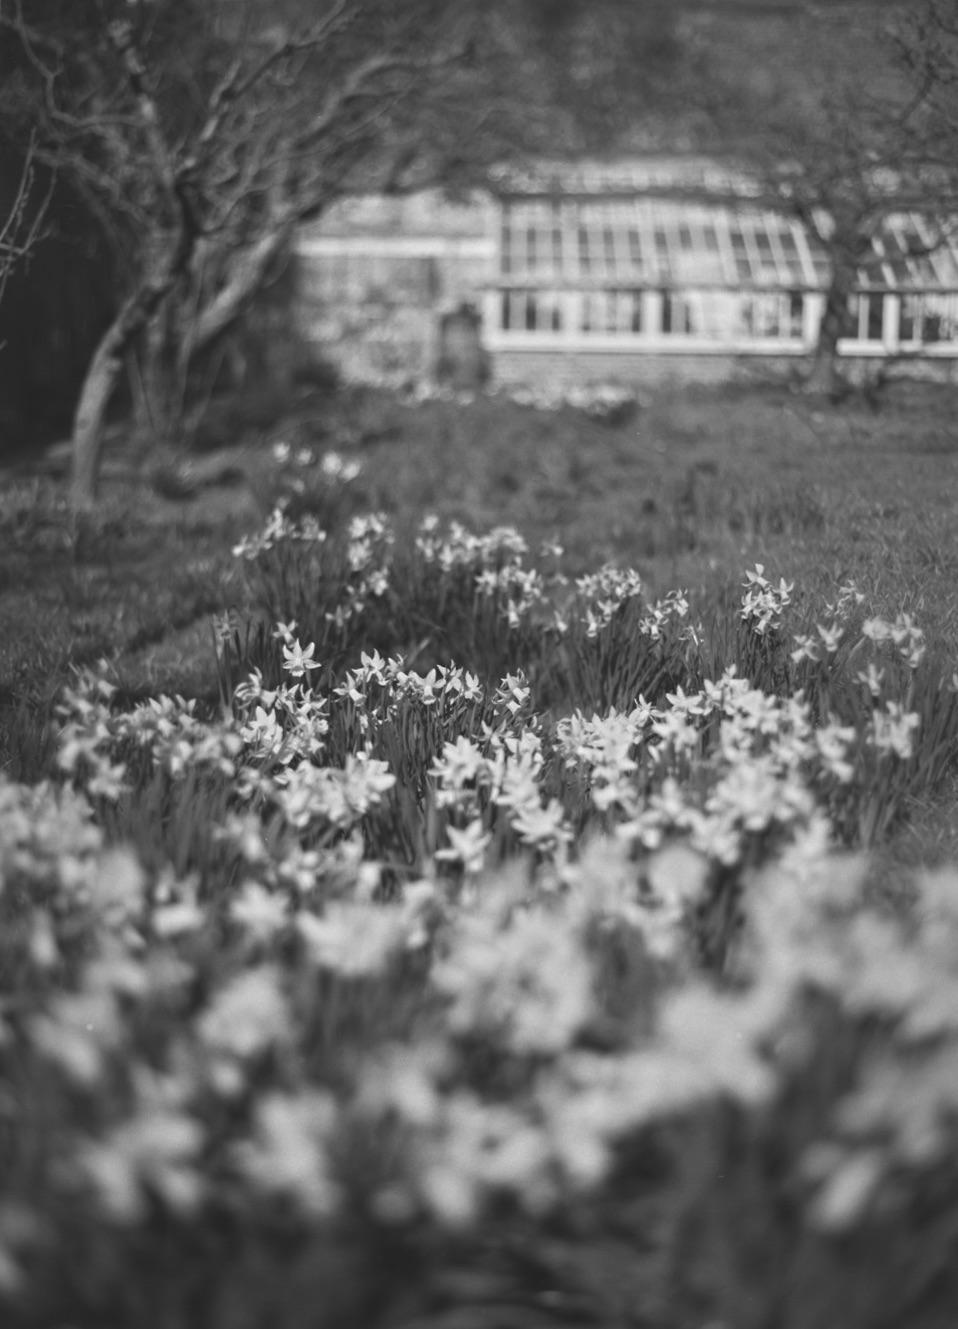 Daffodils-in-Fenton-House.jpg